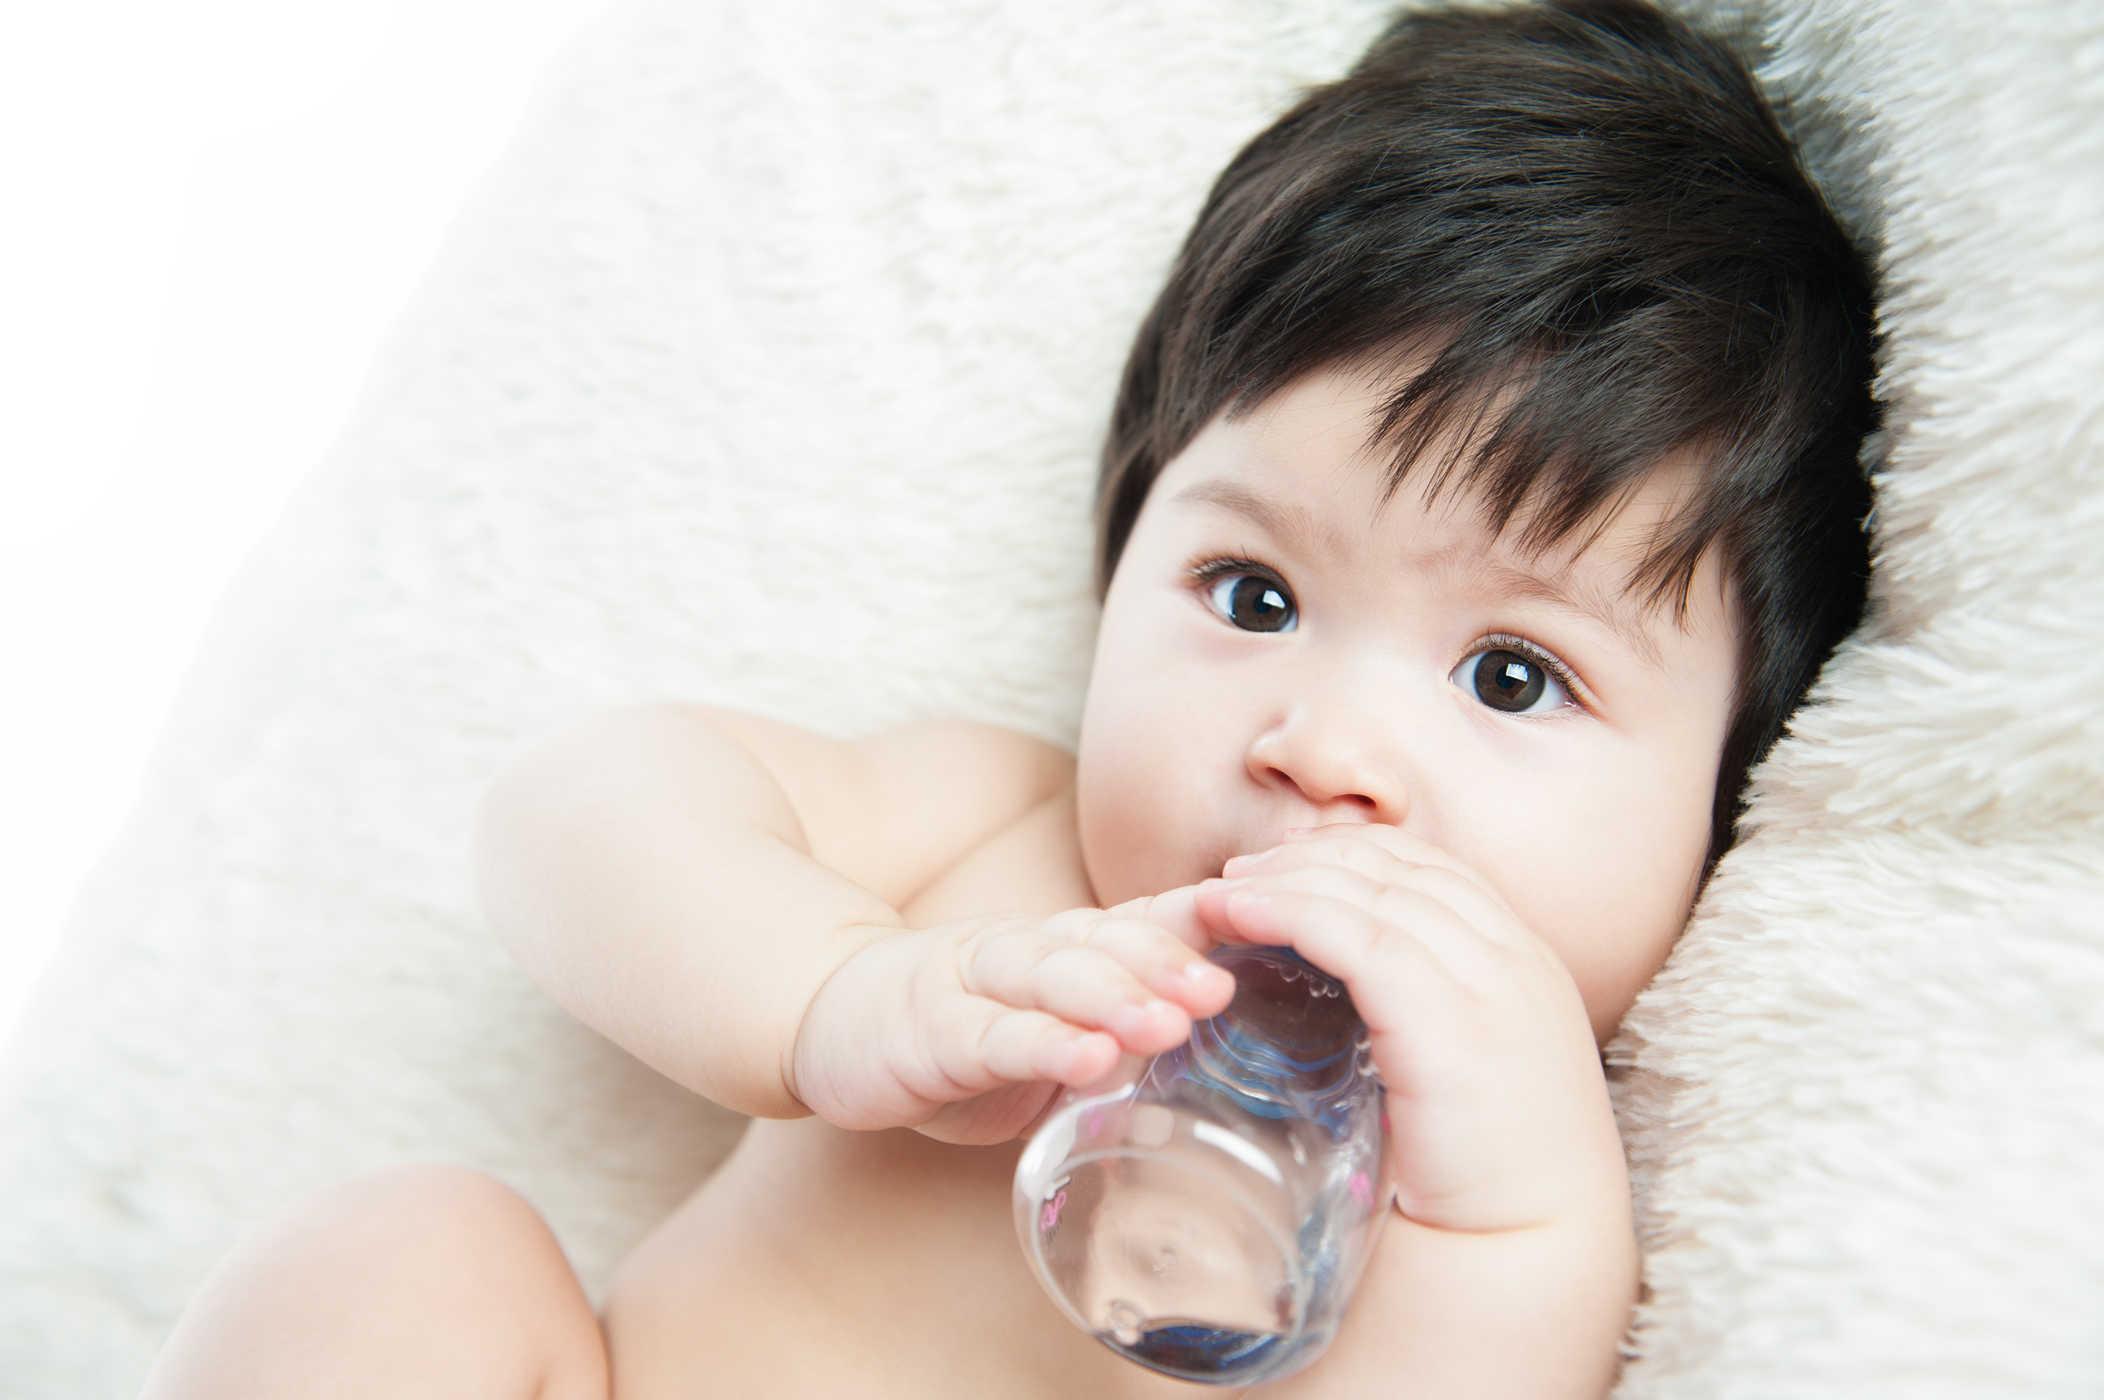 meoj chữa ngạt mũi cho trẻ